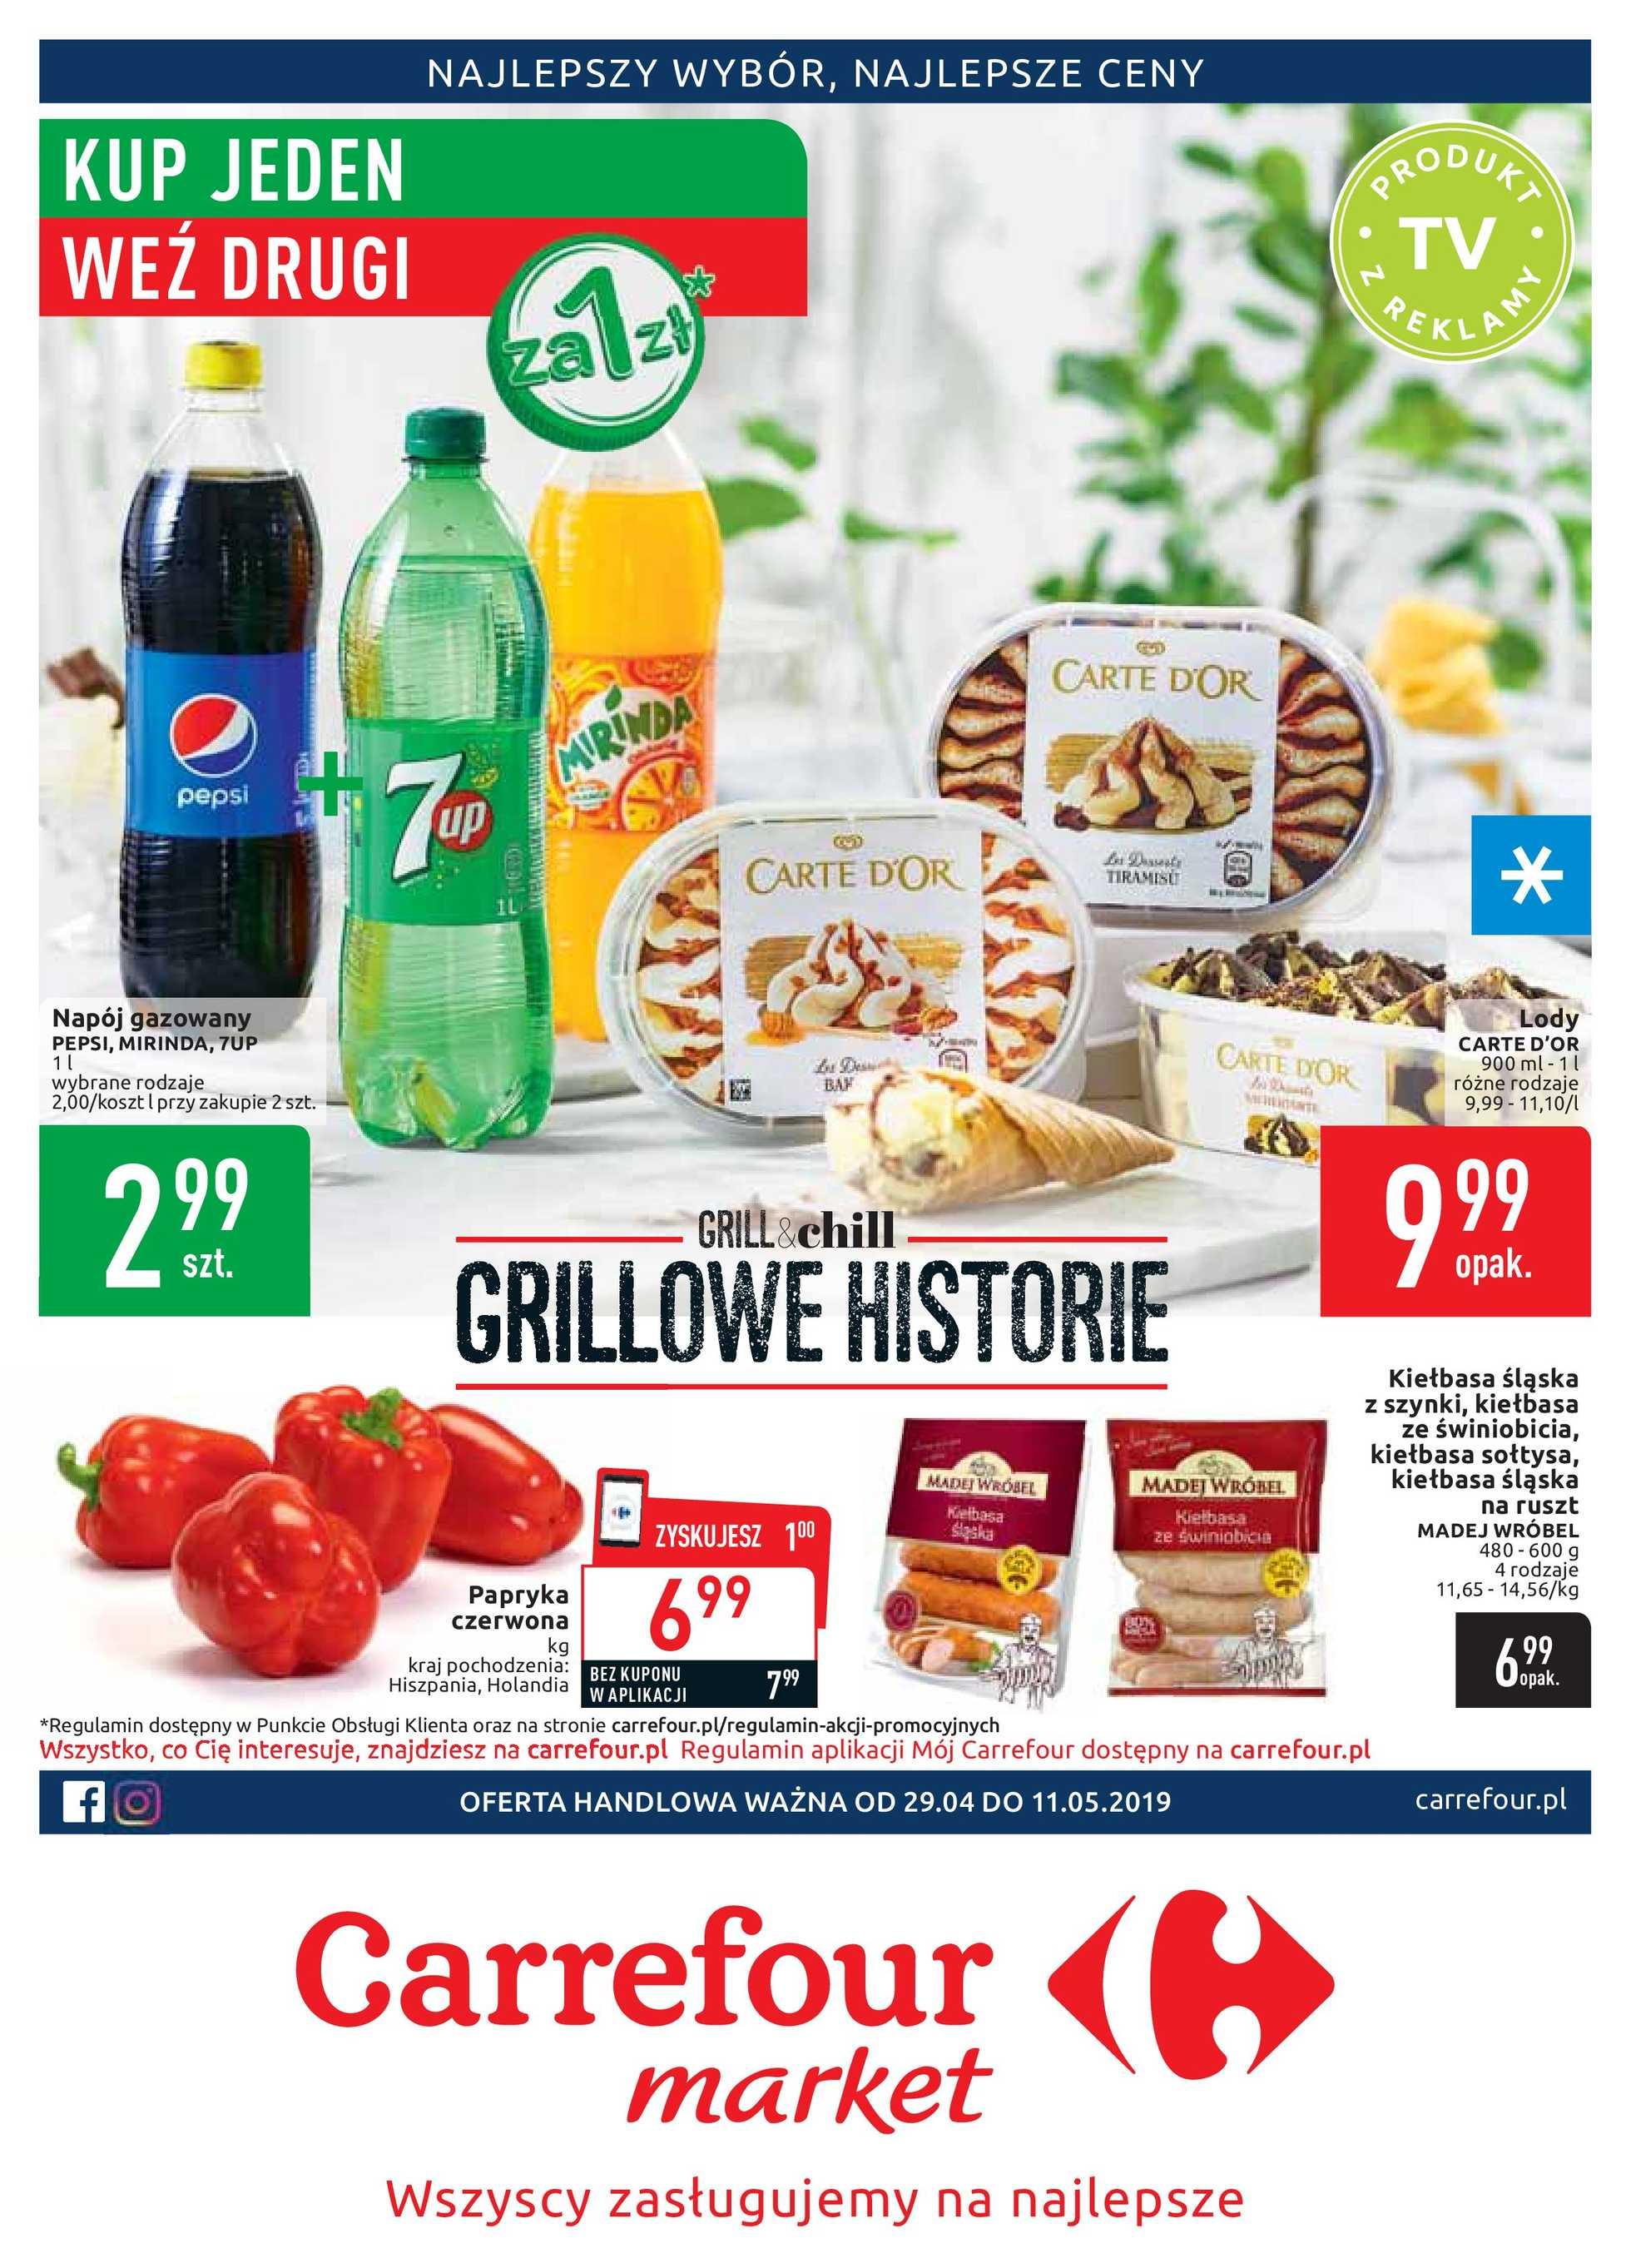 Carrefour Market Gazetka Promocyjna 29042019 Gazetkowopl